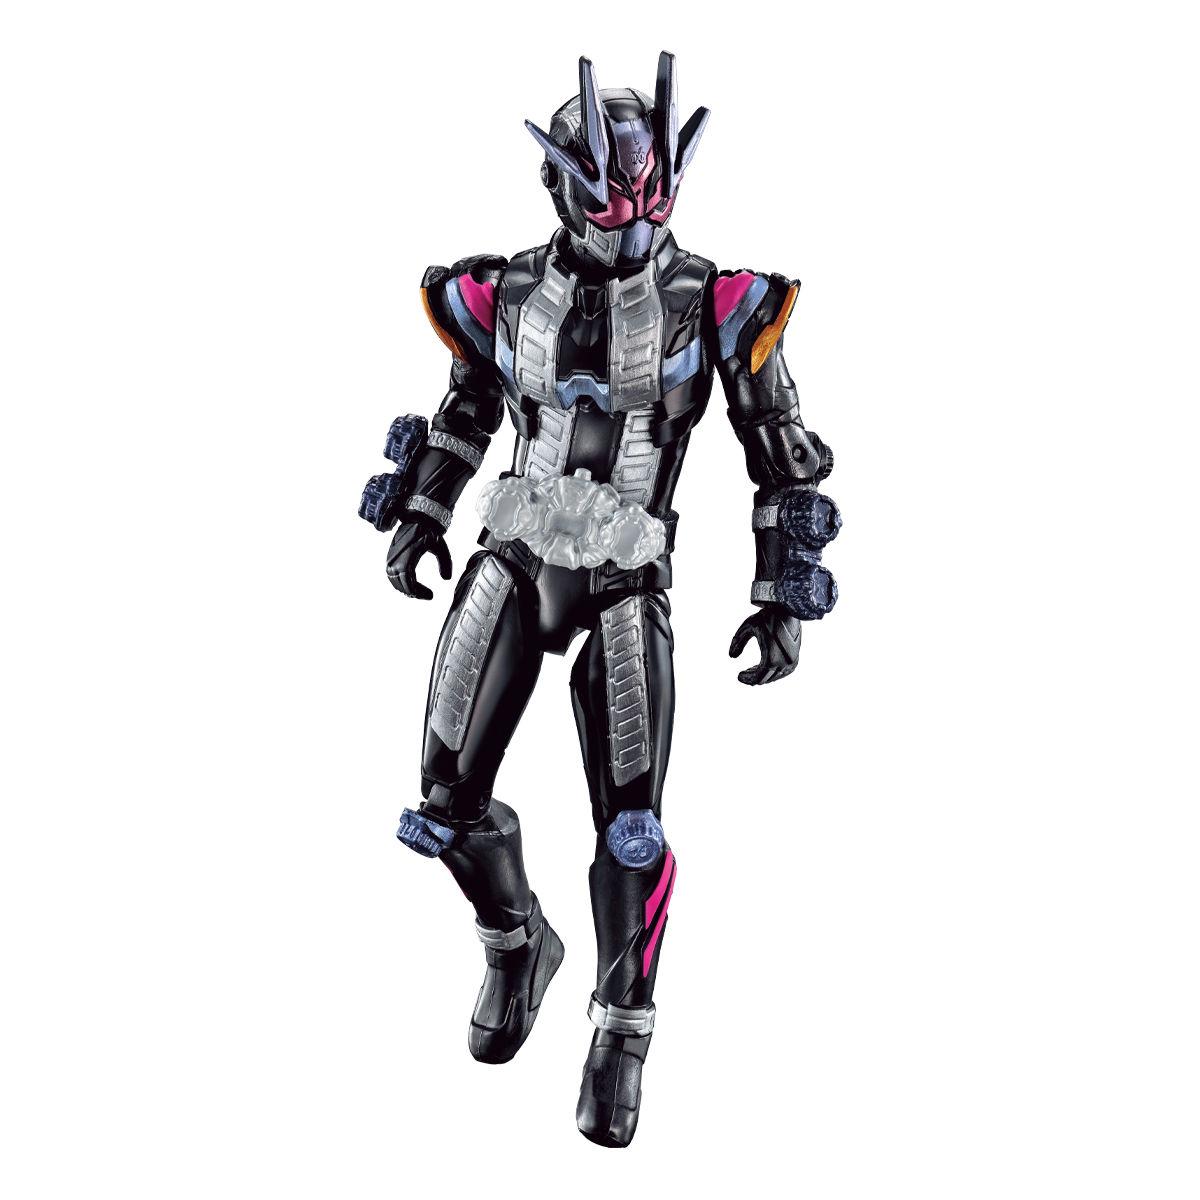 RKFライダーアーマーシリーズ『仮面ライダージオウII』可動フィギュア-003